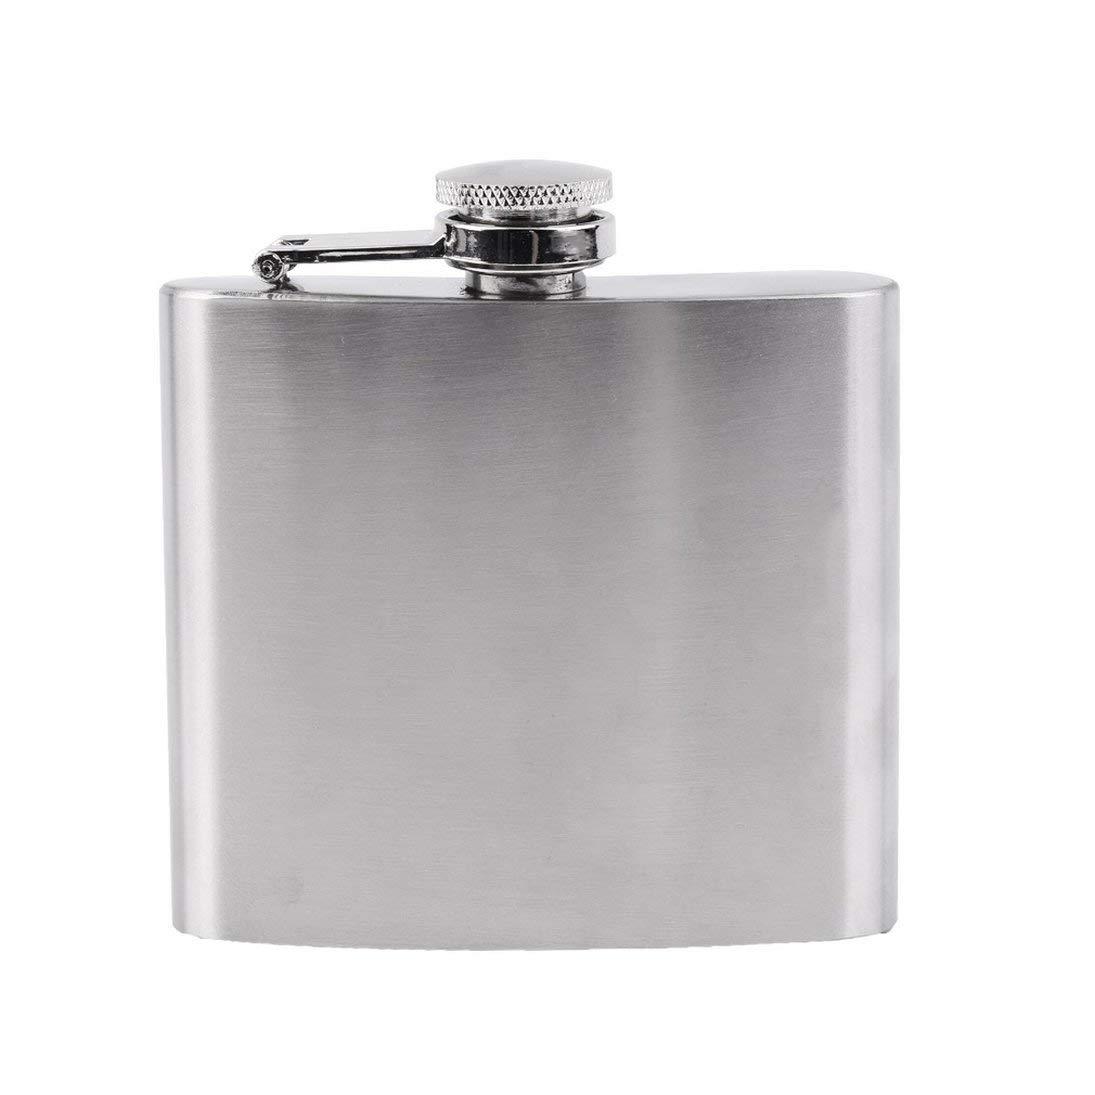 ToGames-DE New Mini Portable 5oz Edelstahl Alkohol Whiskey Wein Topf Flagon Flachmann